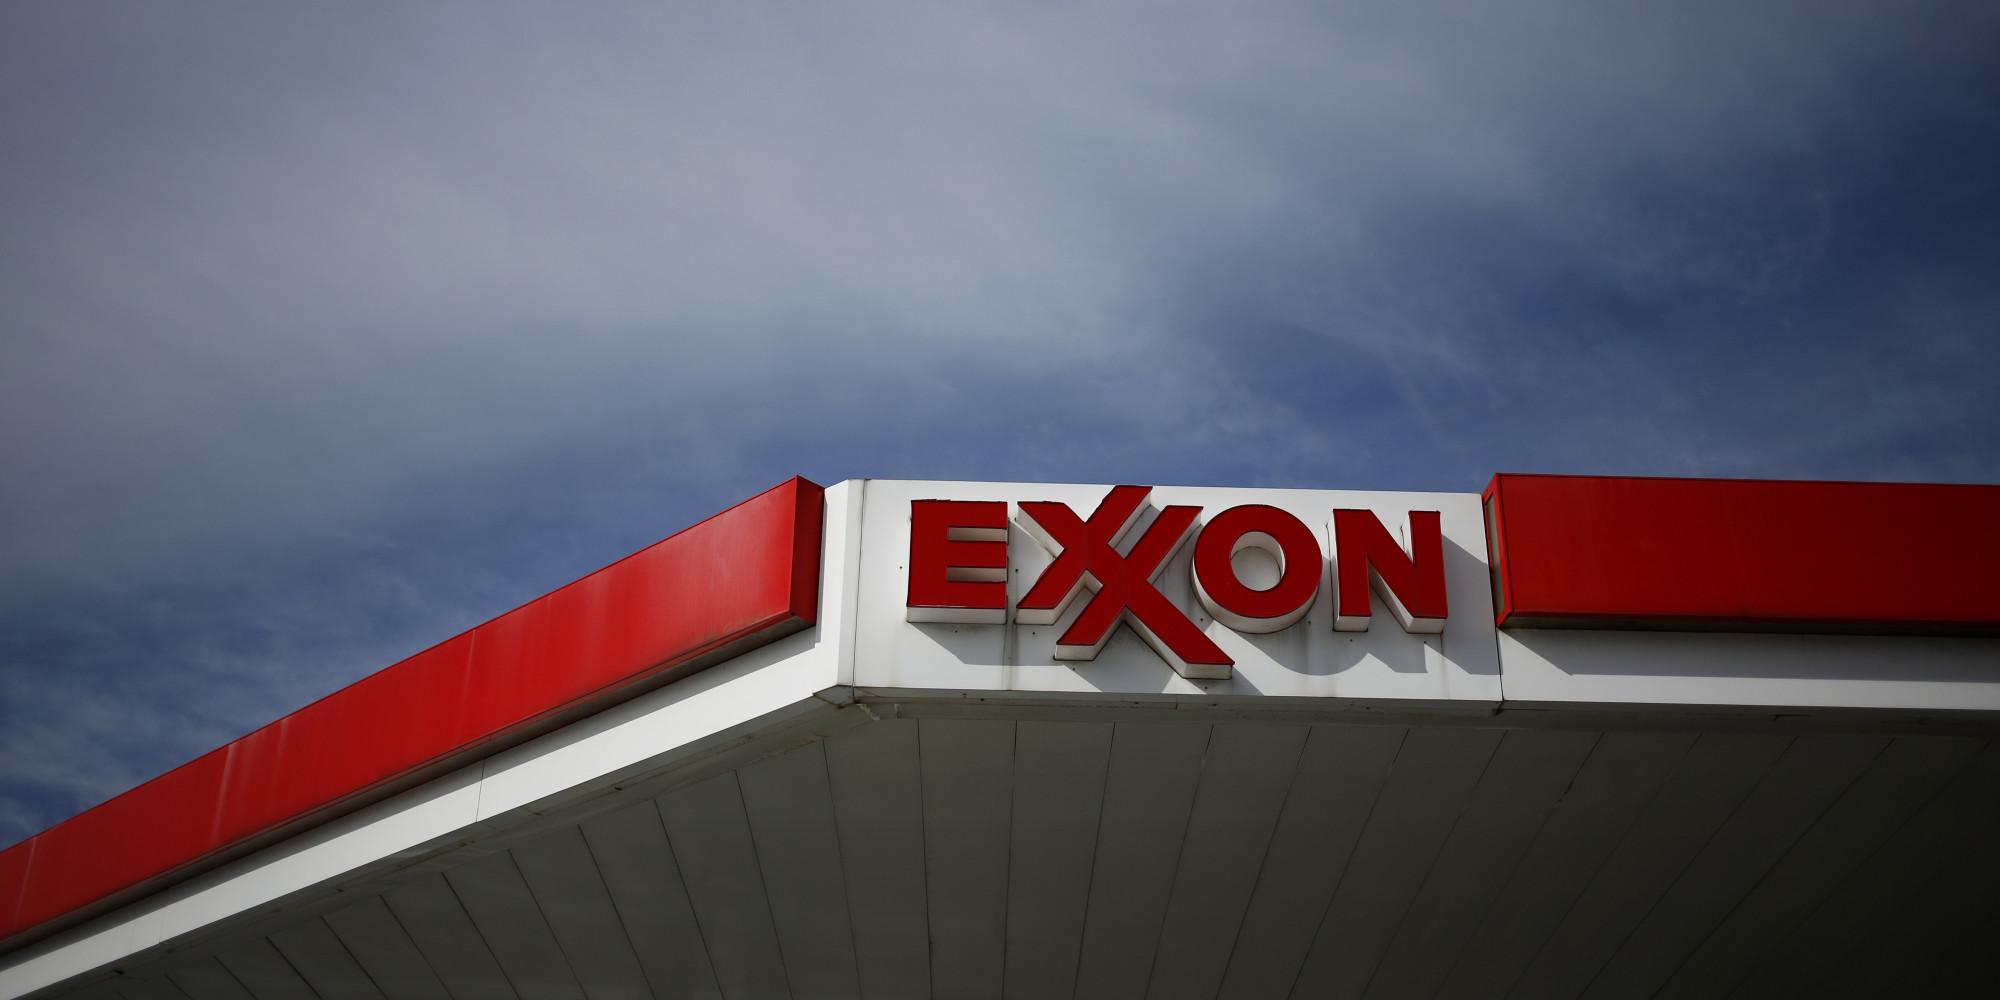 Ciadi reconoce soberanía de Venezuela en controversia con Exxon Mobil